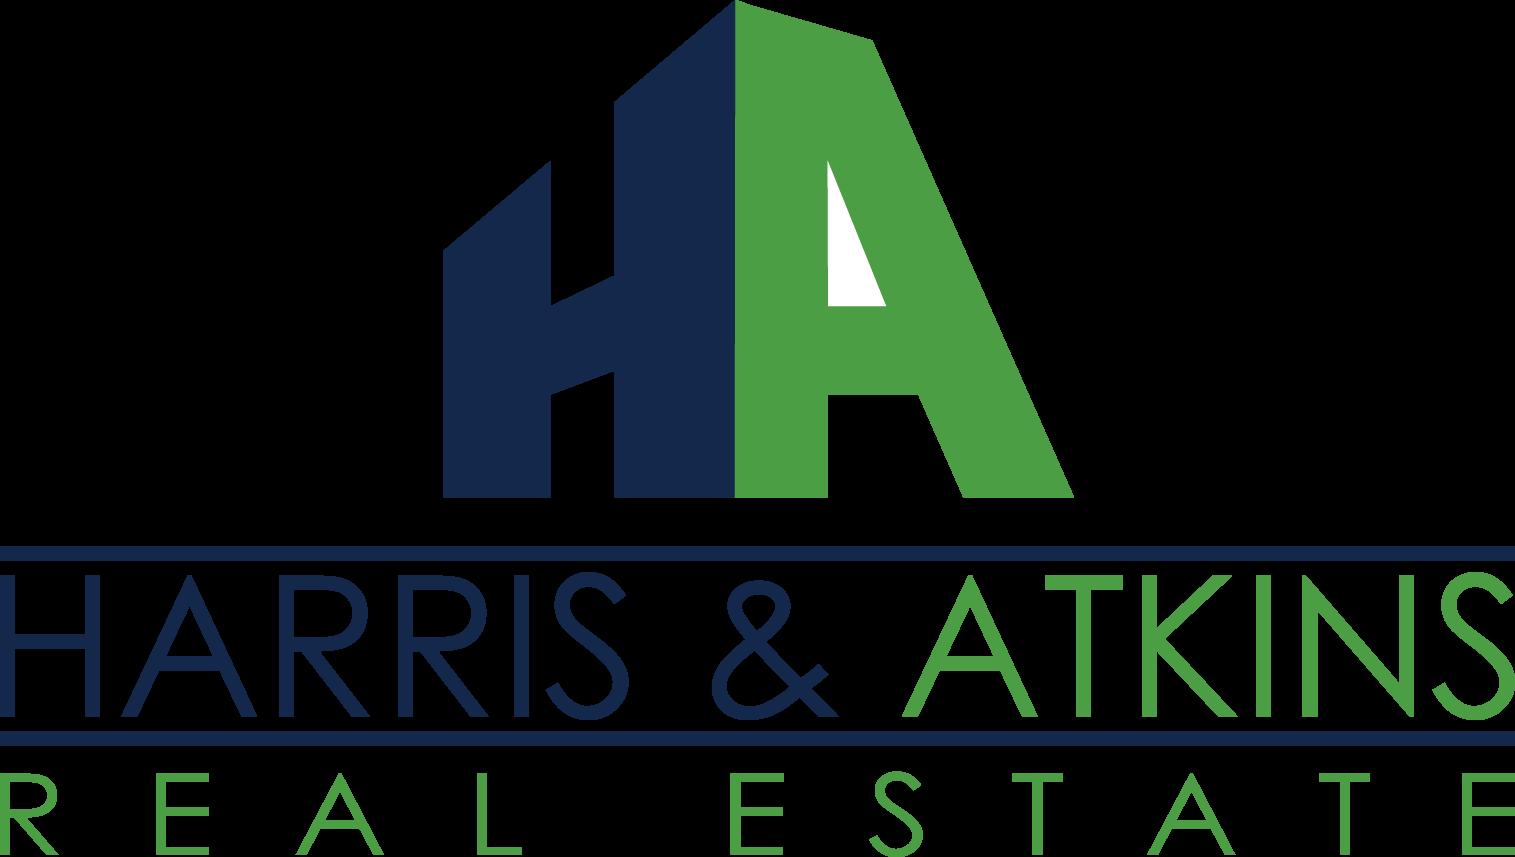 Harris & Atkins Real Estate